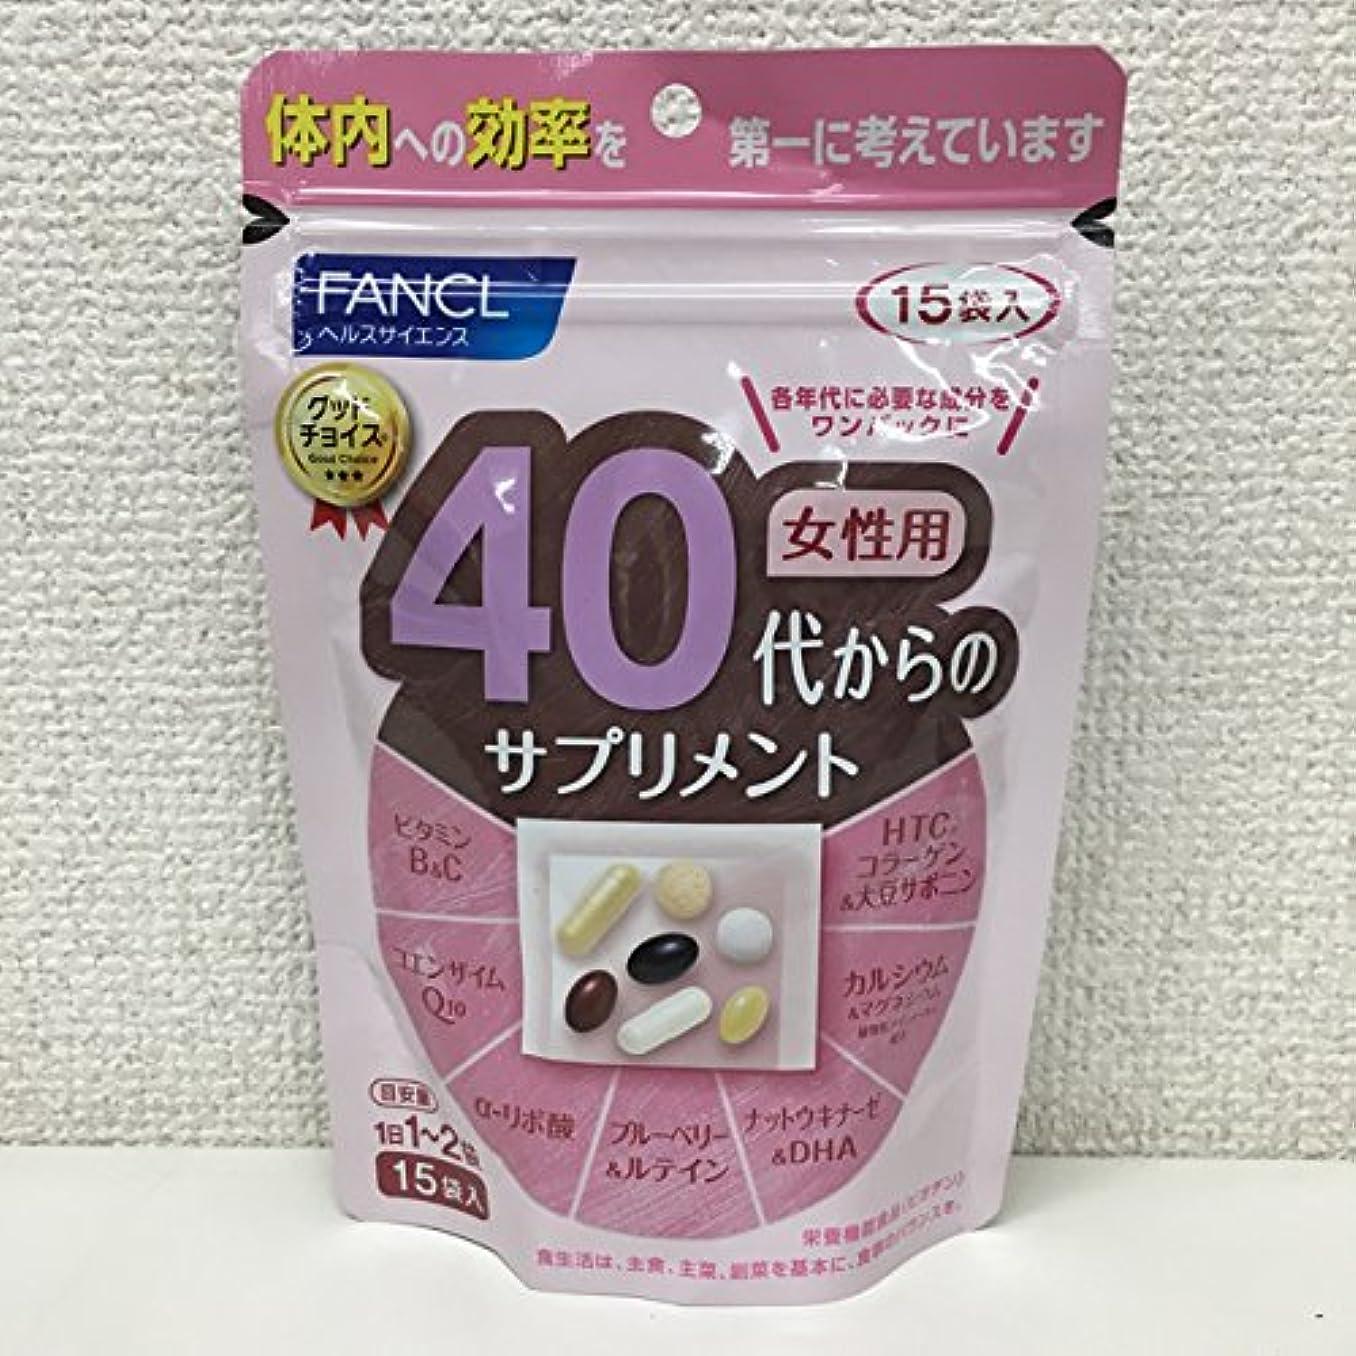 外交厚くする秀でる40代からのサプリメント 女性用 15袋入